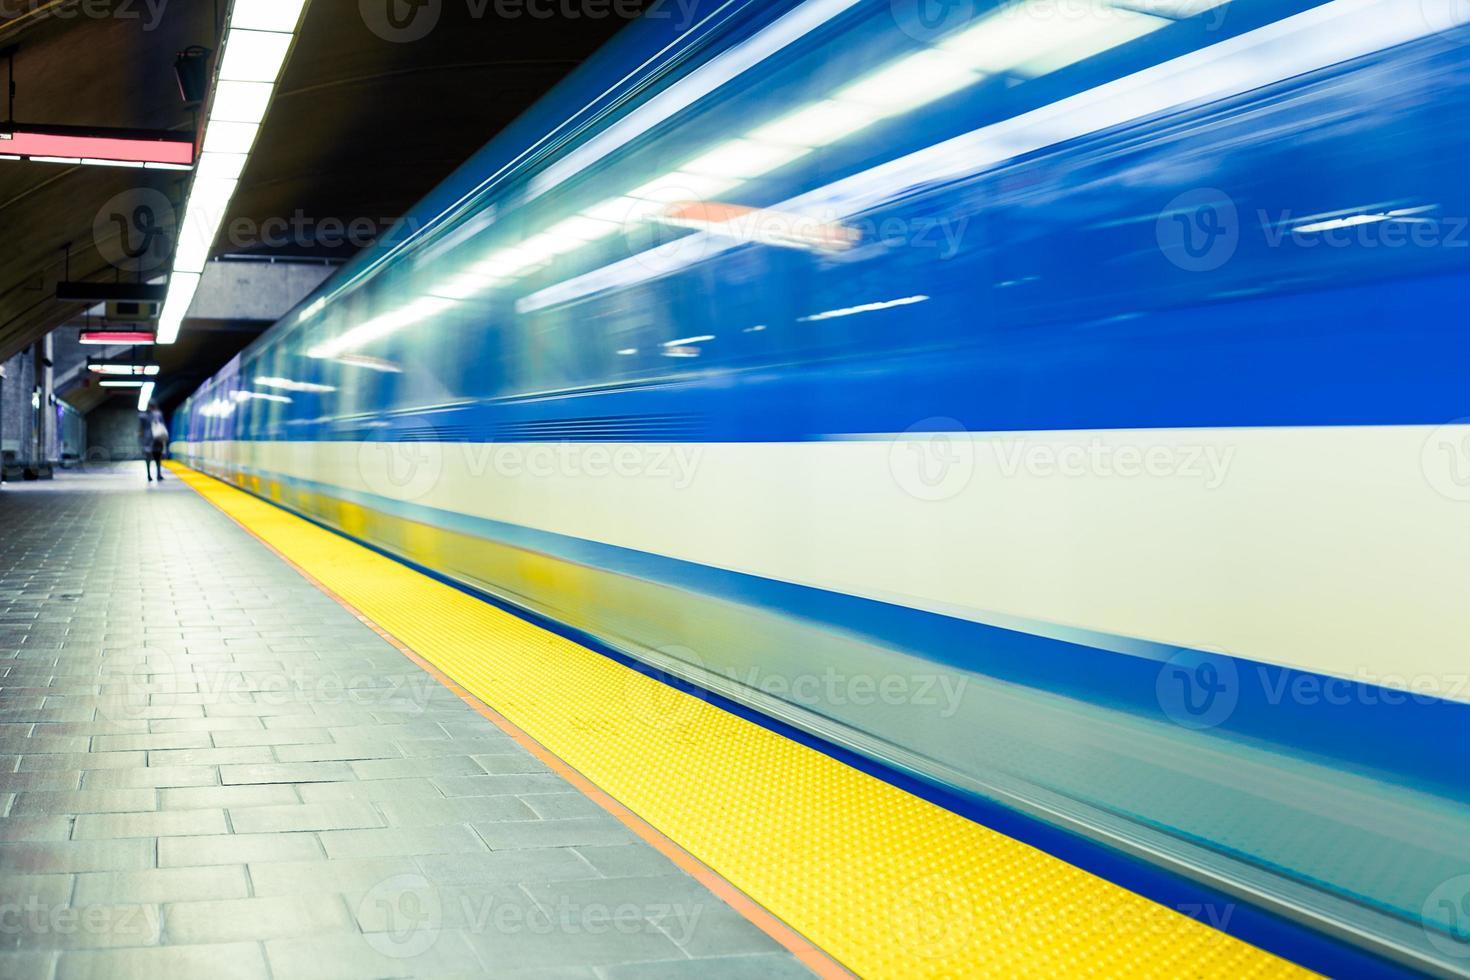 färgglada tunnelbanetåg med rörelsesuddighet foto